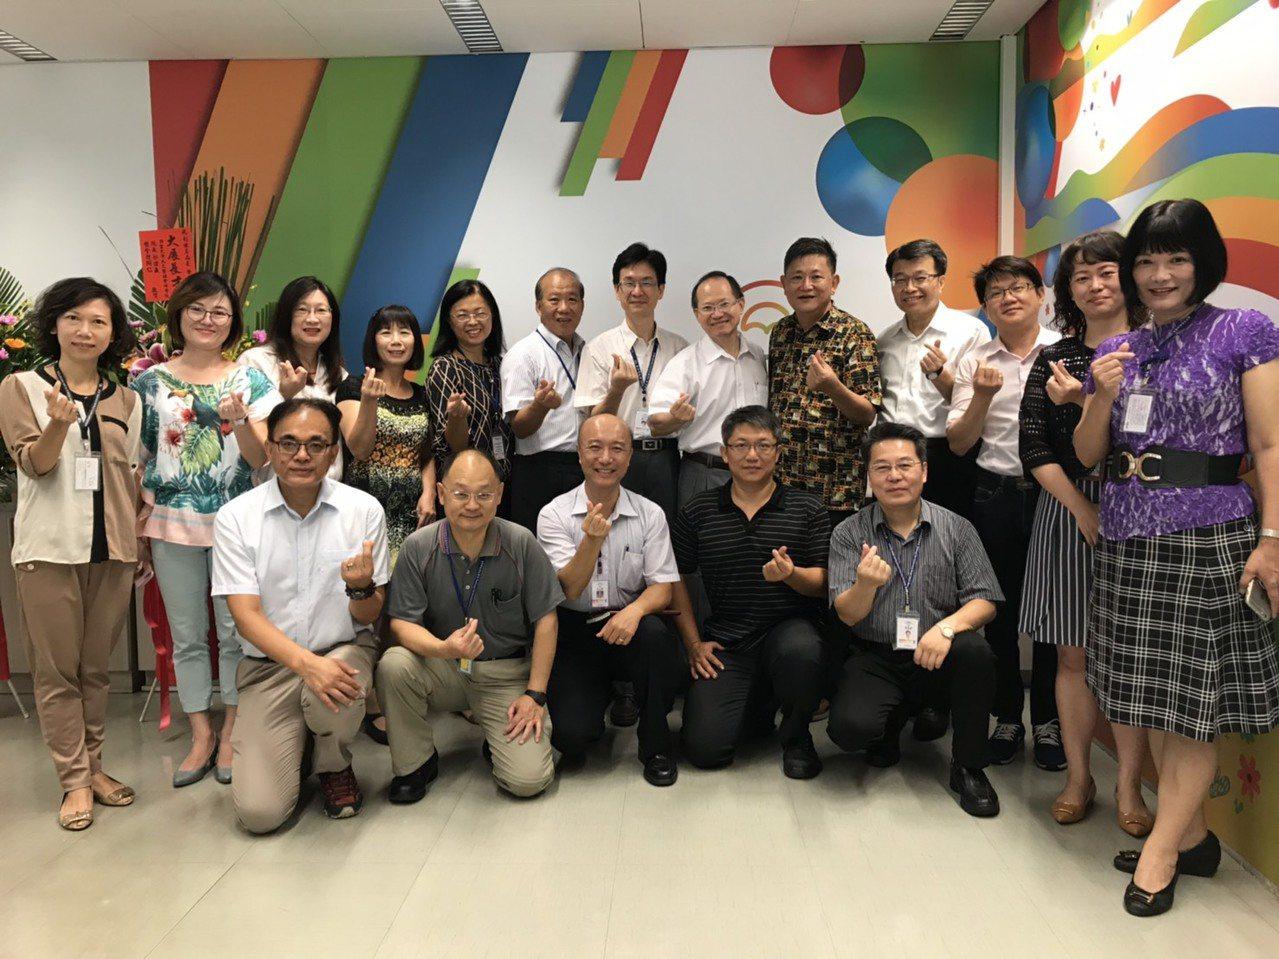 台中市社會局長彭懷真(後右五)今天正式走馬上任,他寫了一封信給自己,「61歲離開...